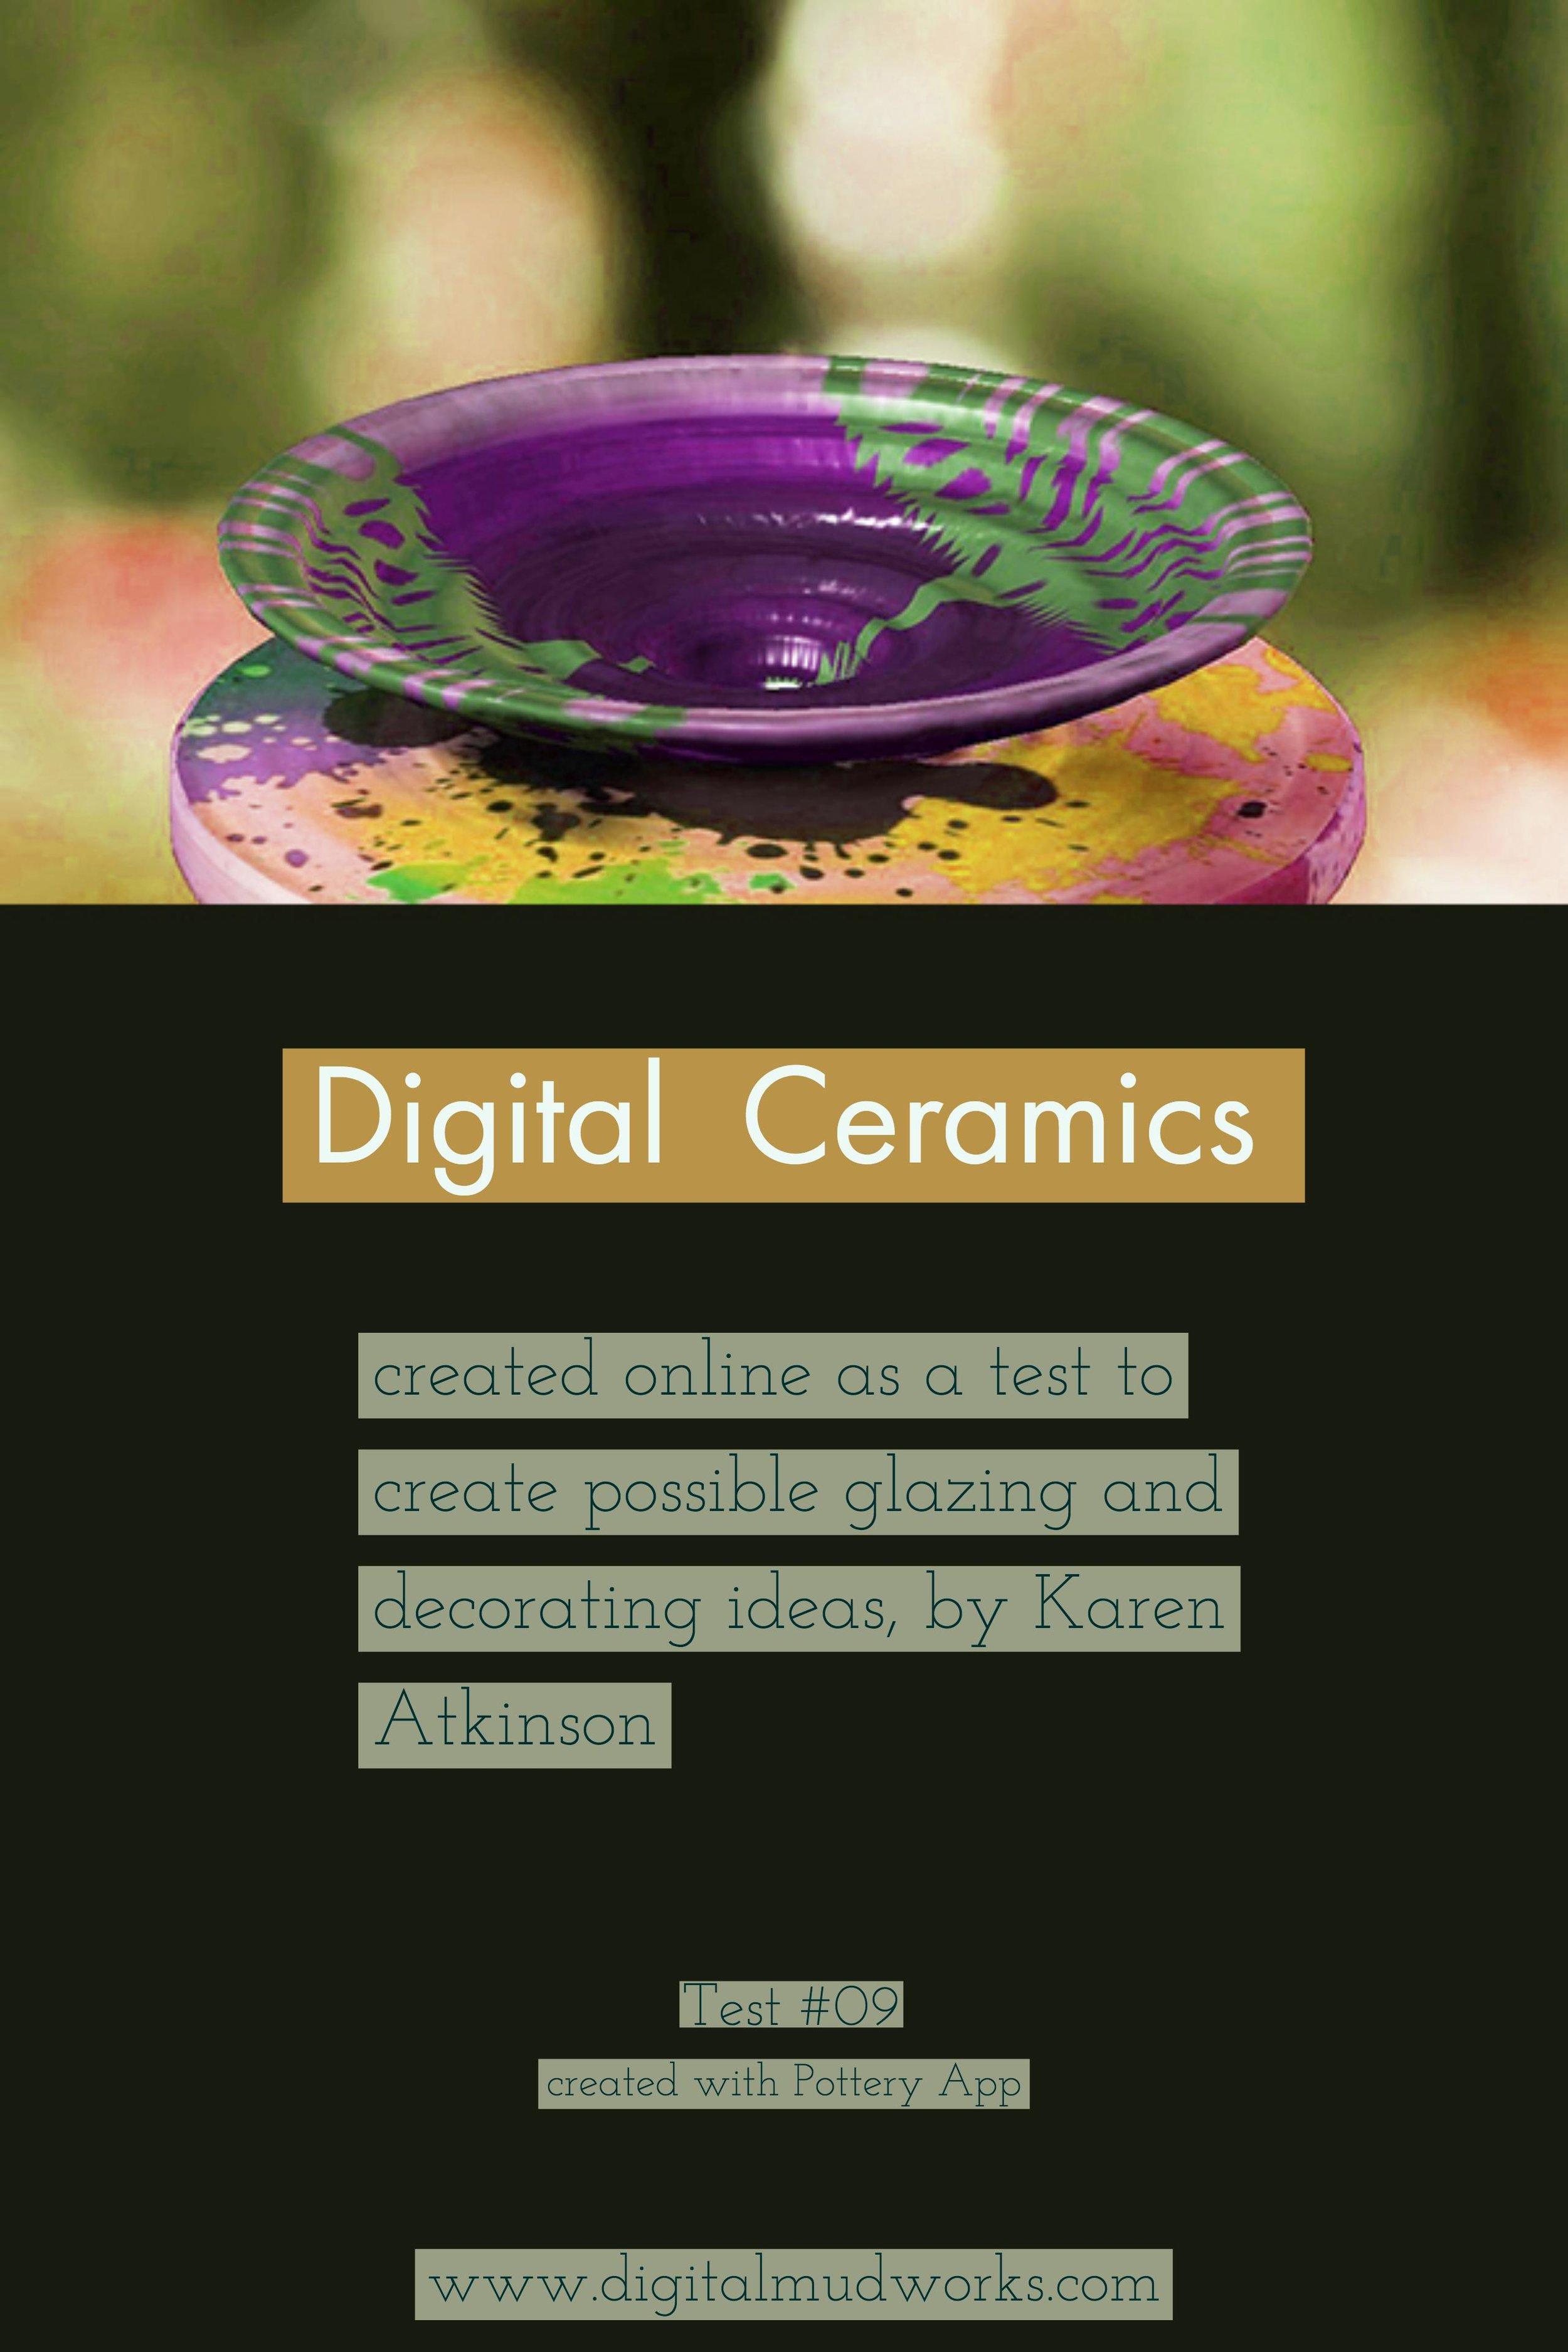 Digital Ceramics Test 09, using a computer app to do glaze and design tests. by Karen Atkinson